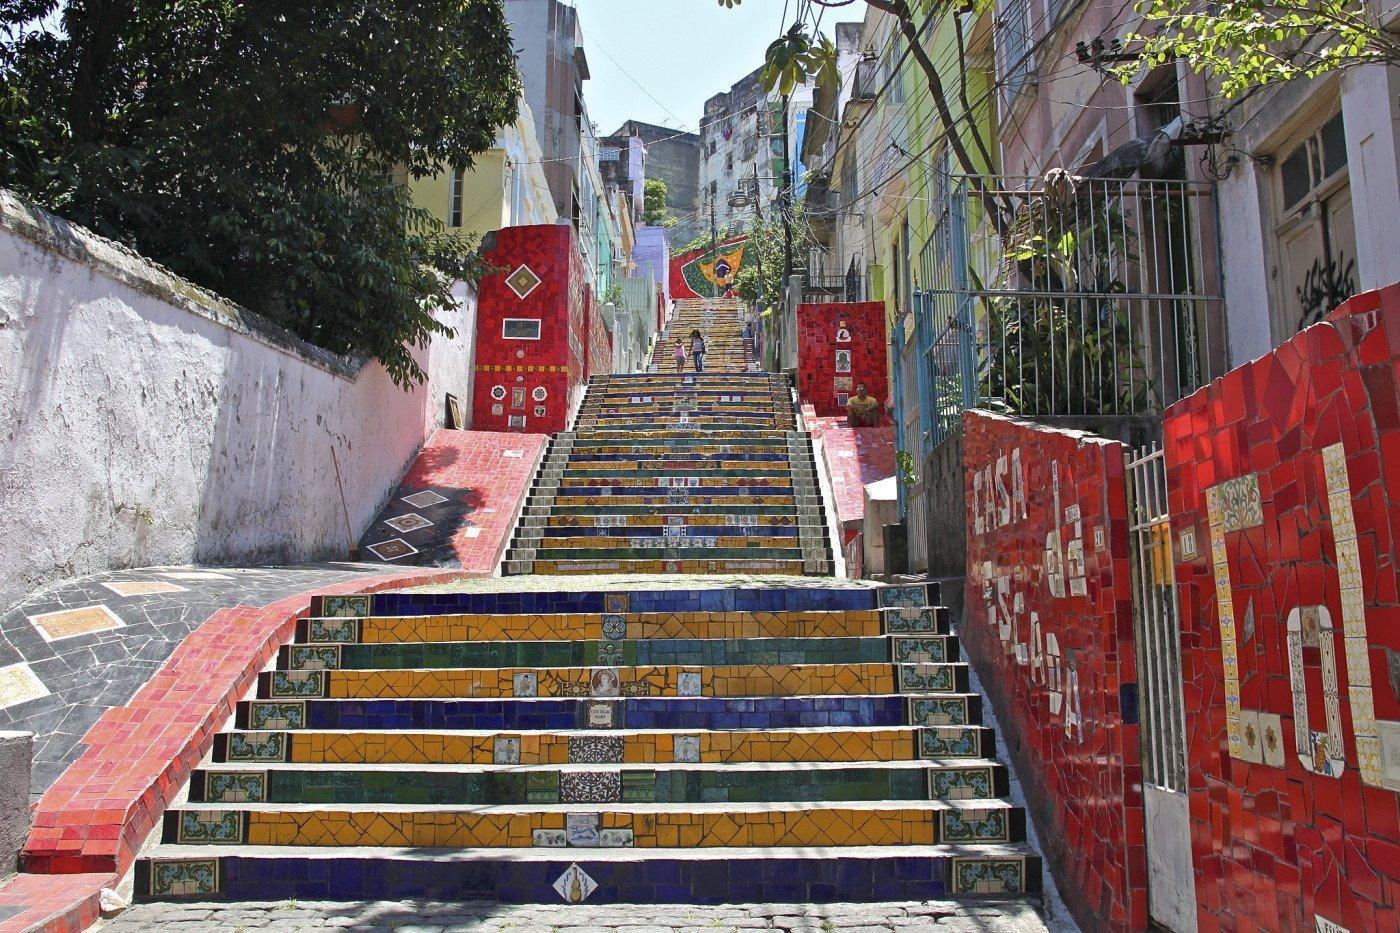 Escadaria Santa Tereza, Rio de Janeiro. Brazil. Photo by alobos Life via Flickr CC